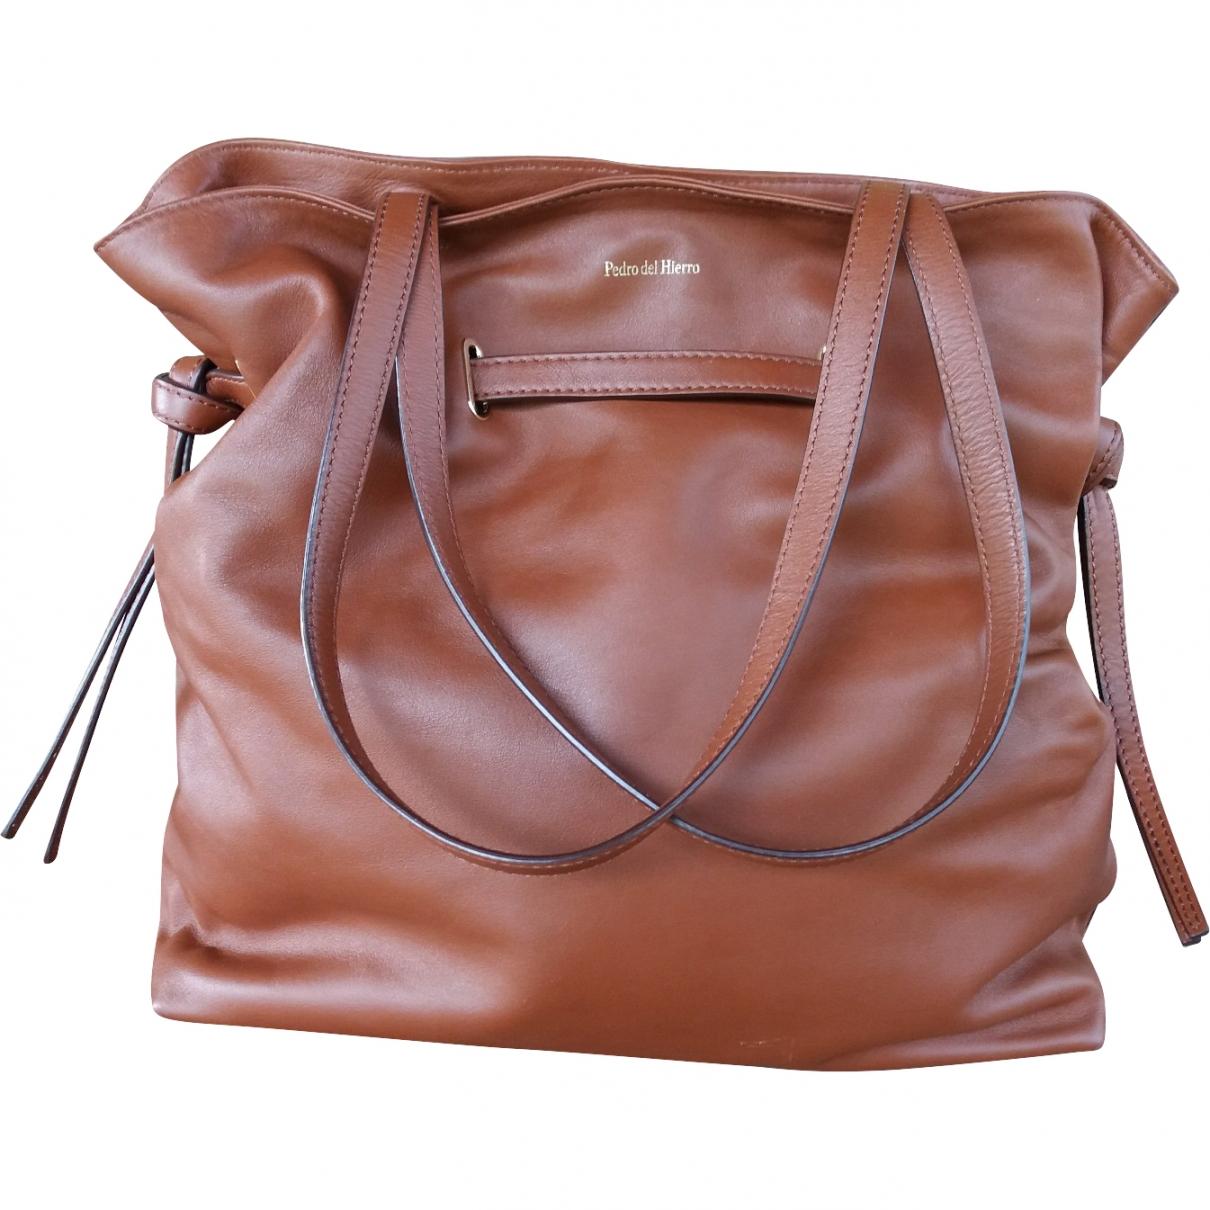 Pedro Del Hierro \N Brown Leather handbag for Women \N